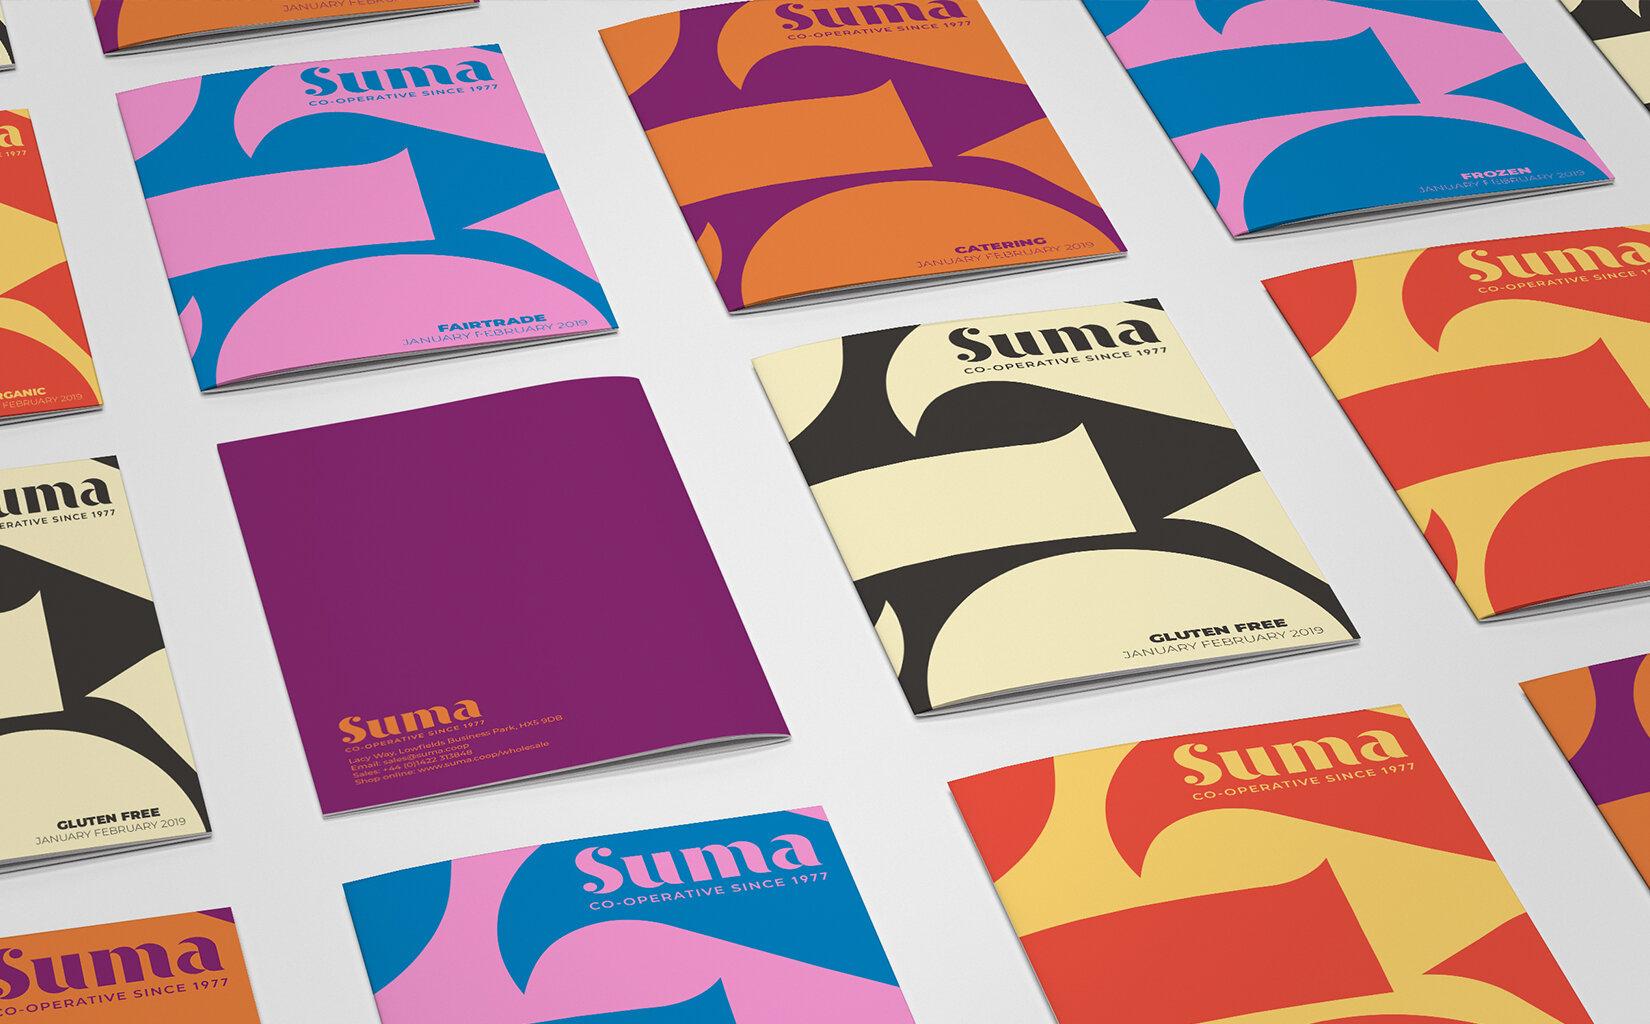 Suma Wholefoods